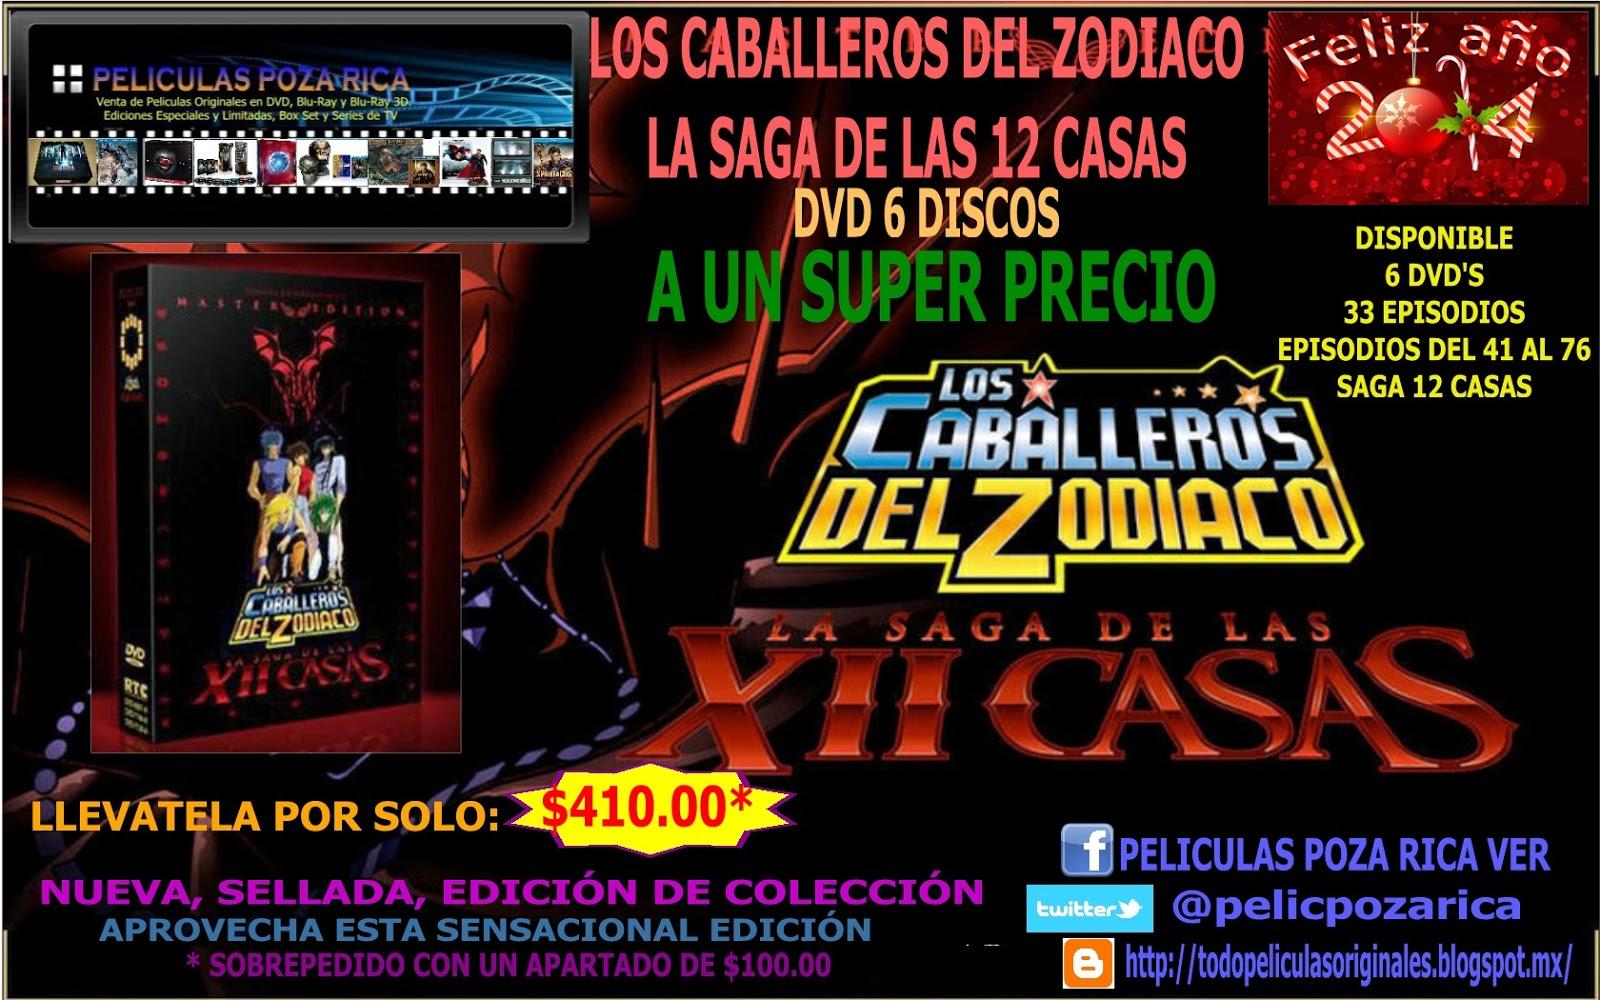 Peliculas originales en blu ray 3d blu ray y dvd los - Casas del zodiaco ...